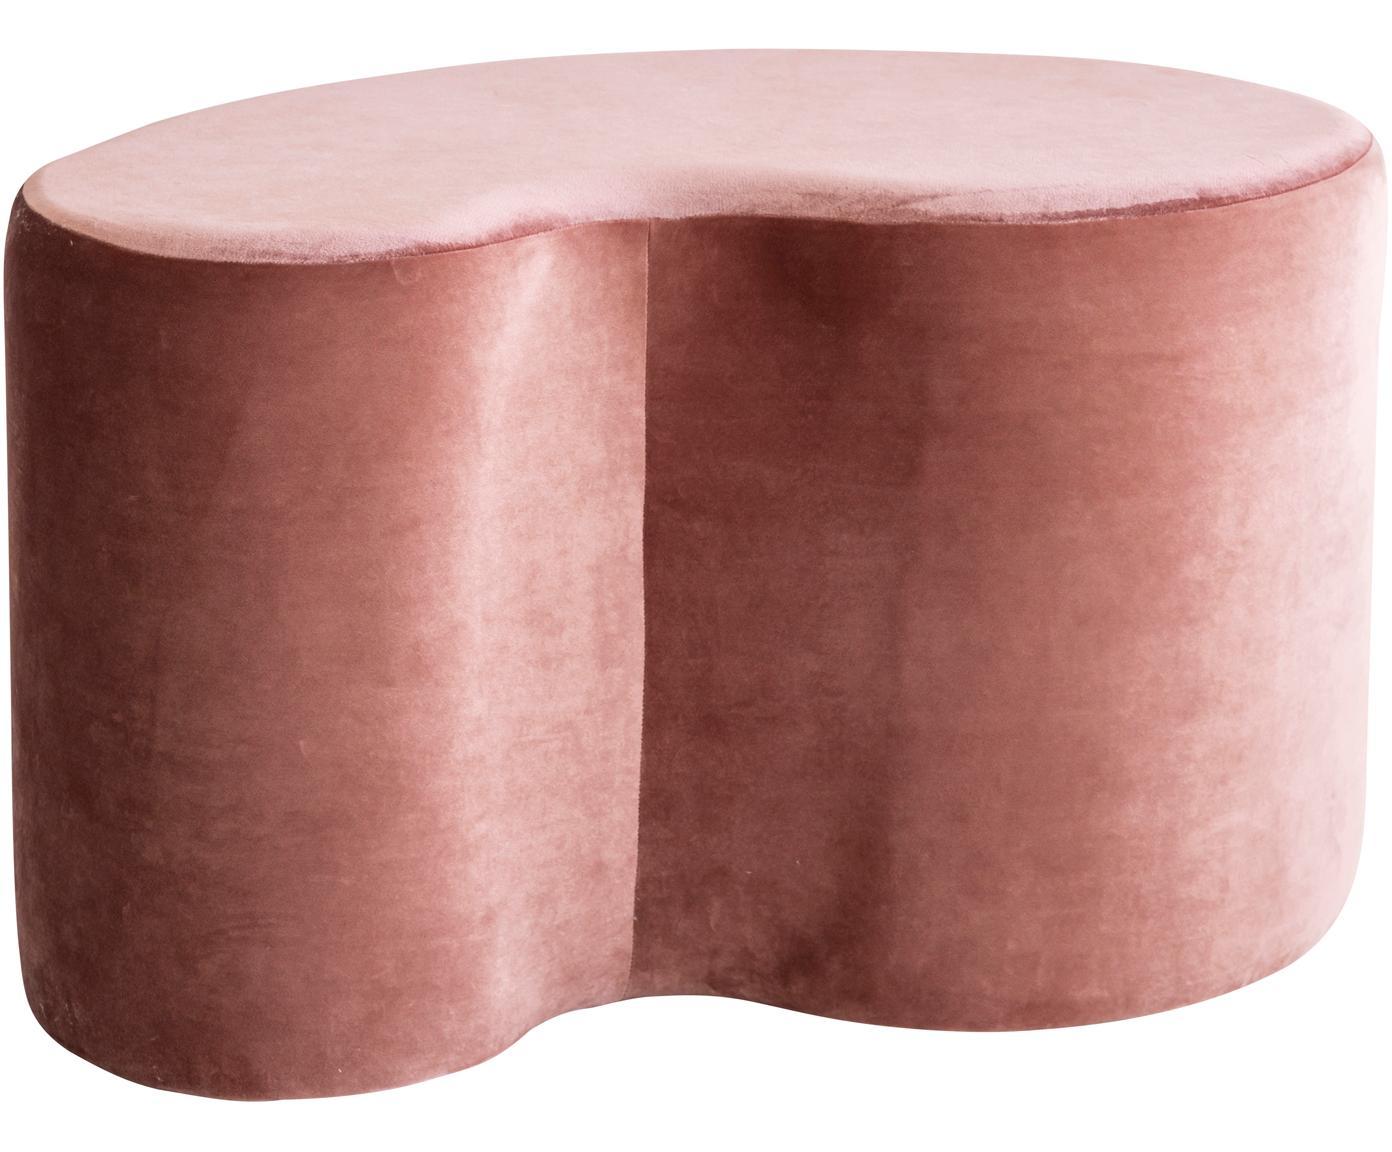 Pouf in velluto rosa Cloe, Rivestimento: poliestere (velluto), Struttura: legno di pino, pannelli d, Rosa, Larg. 80 x Prof. 50 cm